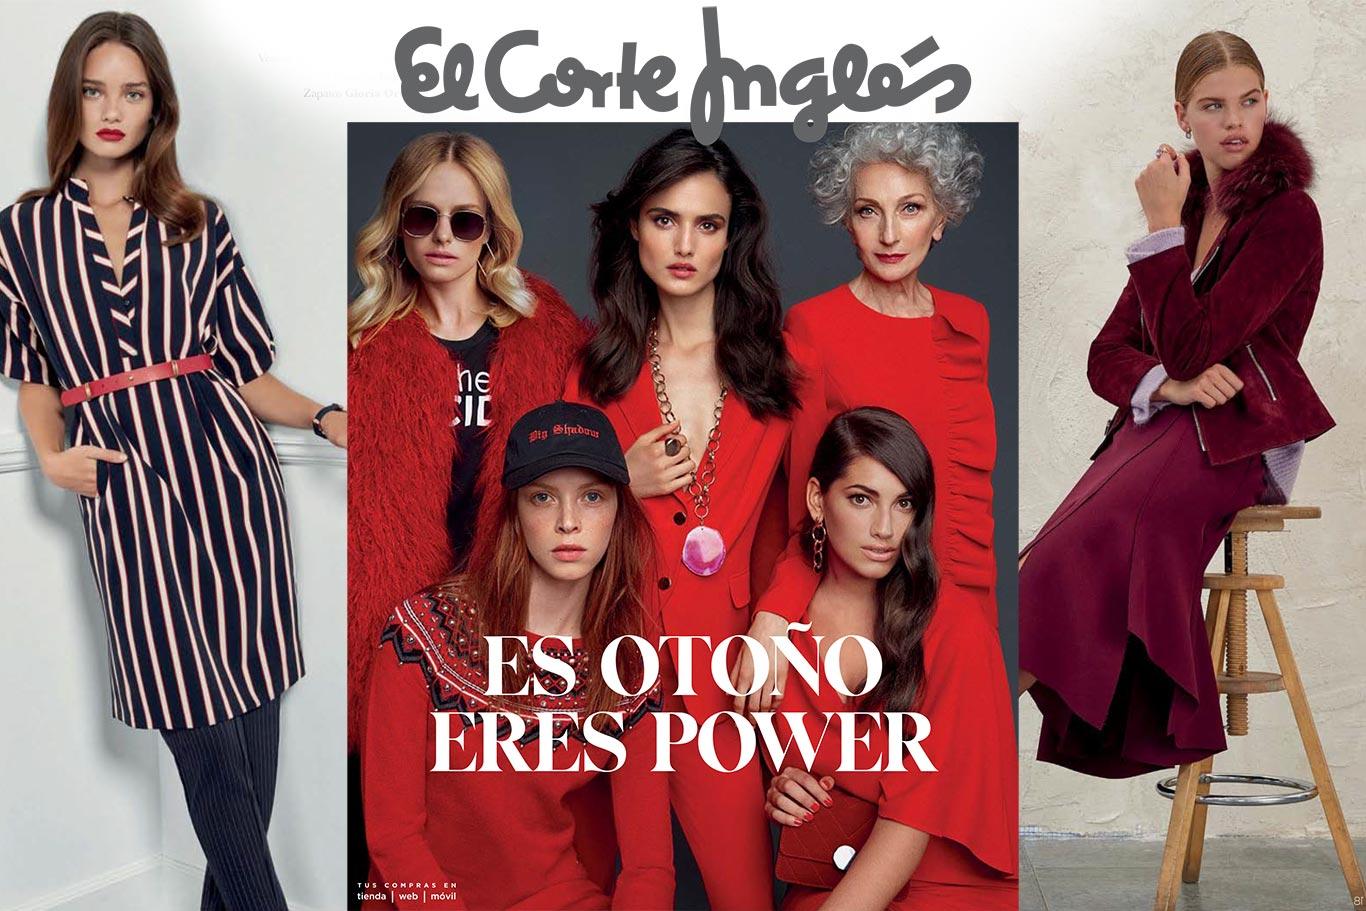 48b0a7f971da Es Otoño, eres Power en El Corte Inglés - Dream Alcalá